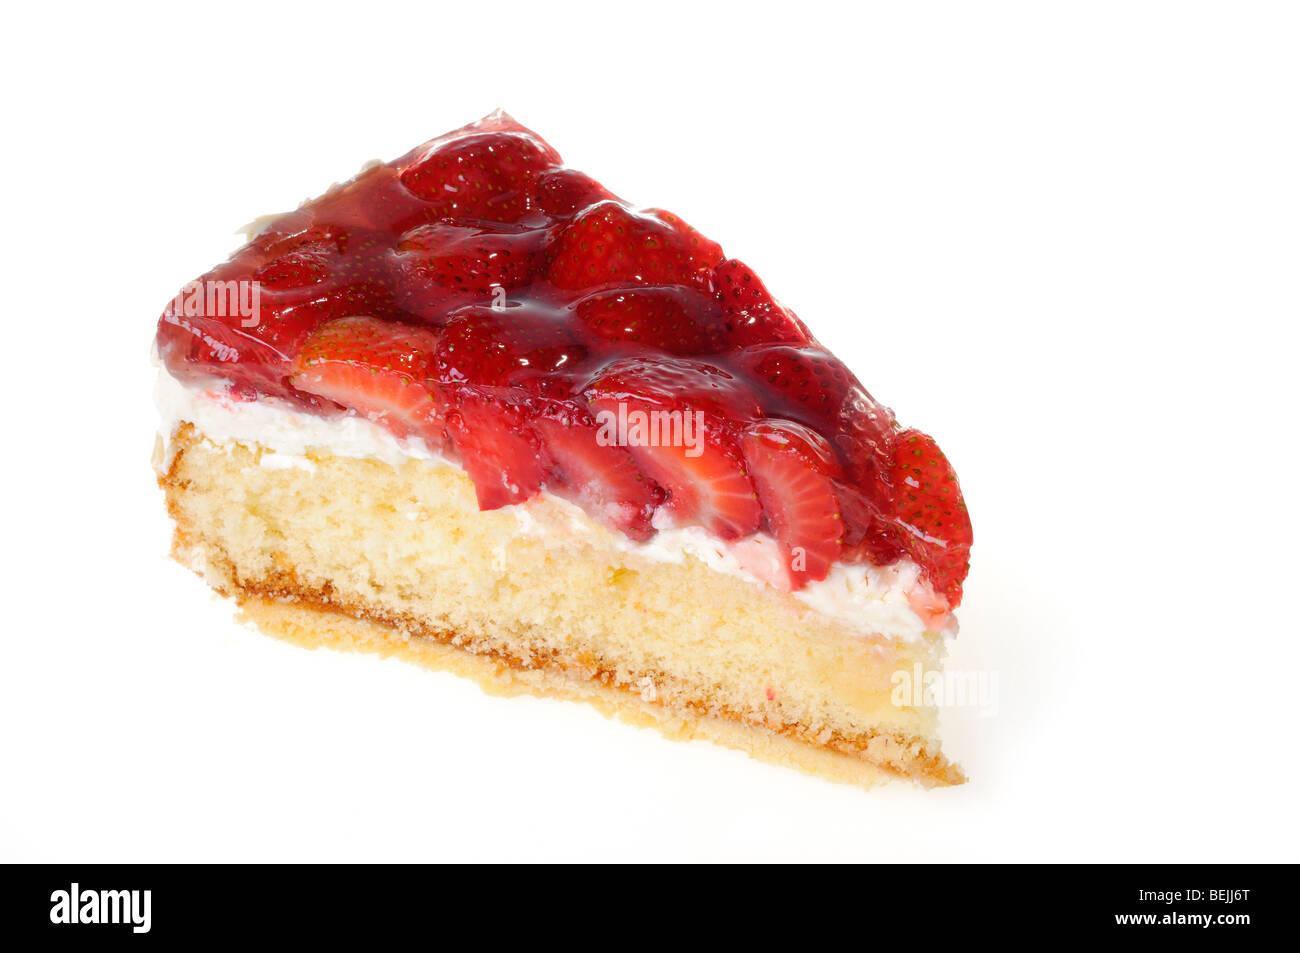 Un morceau de gâteau aux fraises sur blanc Photo Stock